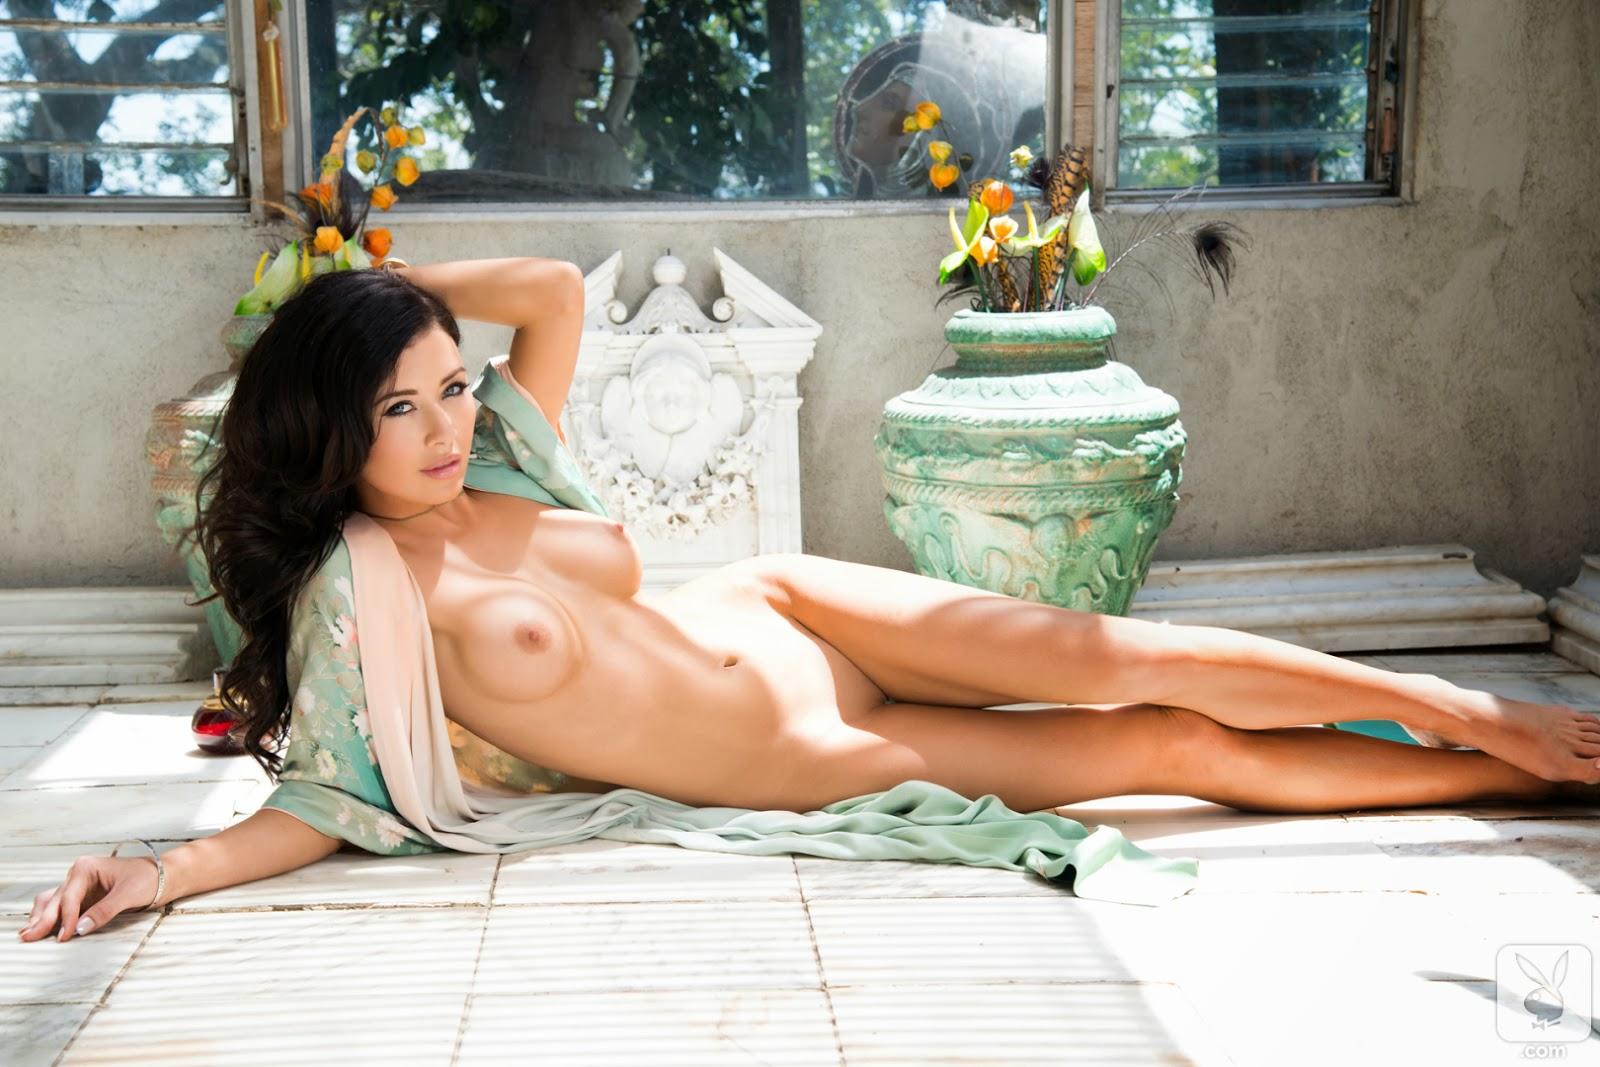 Gemma Lee Farrell Nude Minimalist gemma lee farrell in sensual goddess | play matches